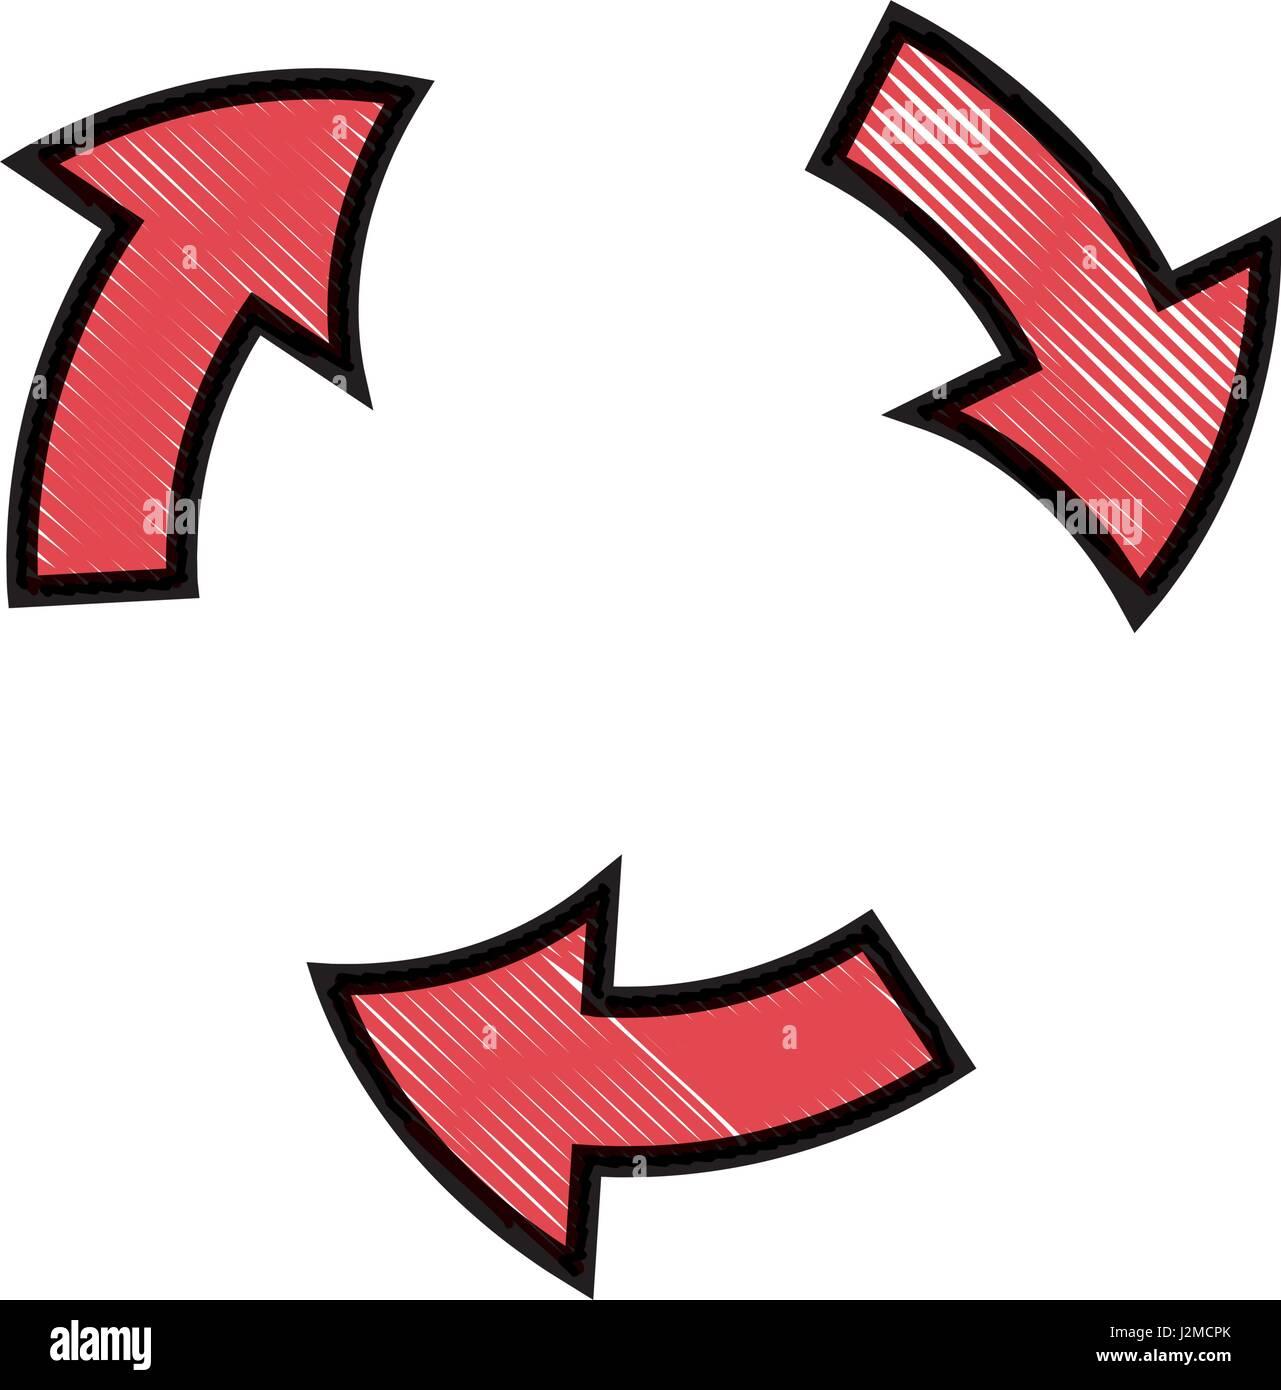 Zeichnung Pfeile Drehung Symbol Prozessgestaltung Stockbild